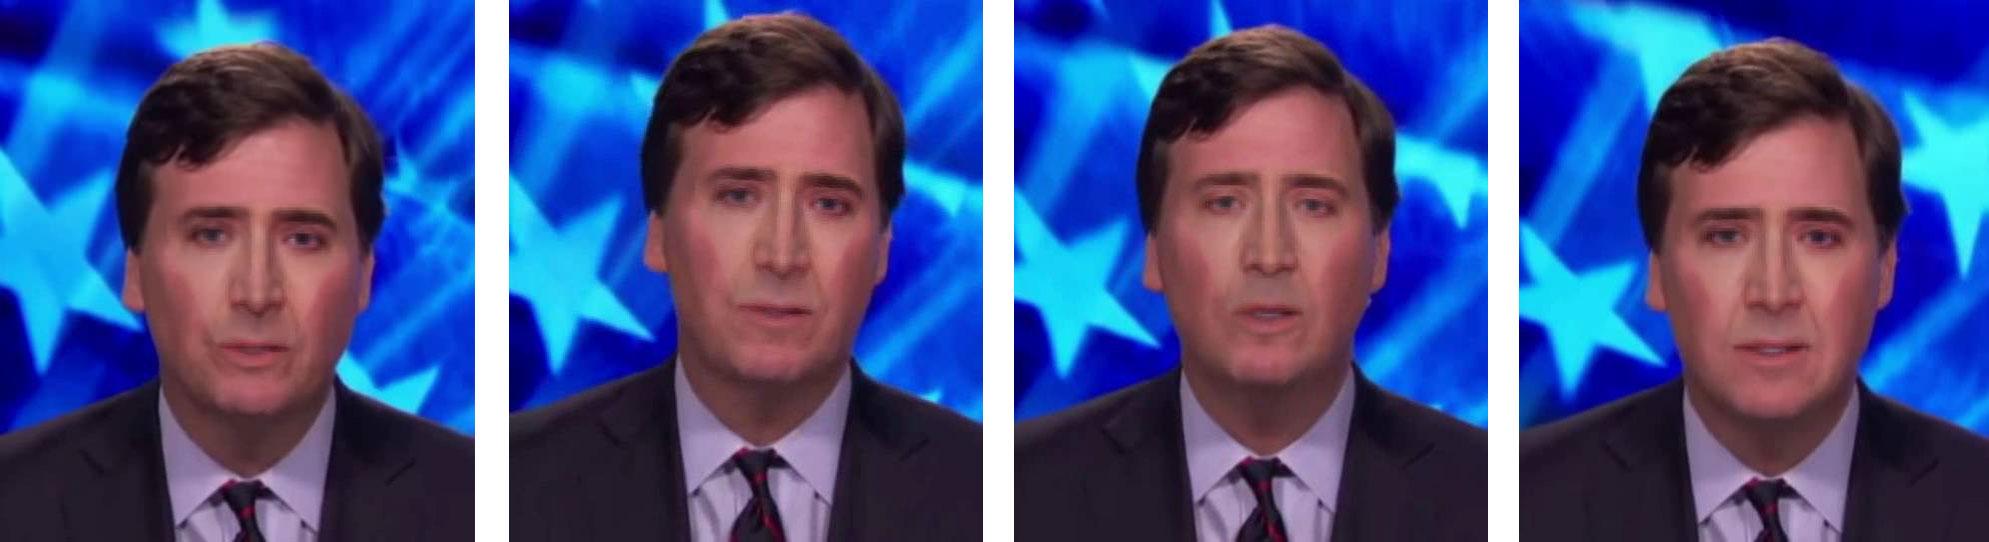 Tucker Carlson tiene su propio maquillaje de Nicolas Cage.